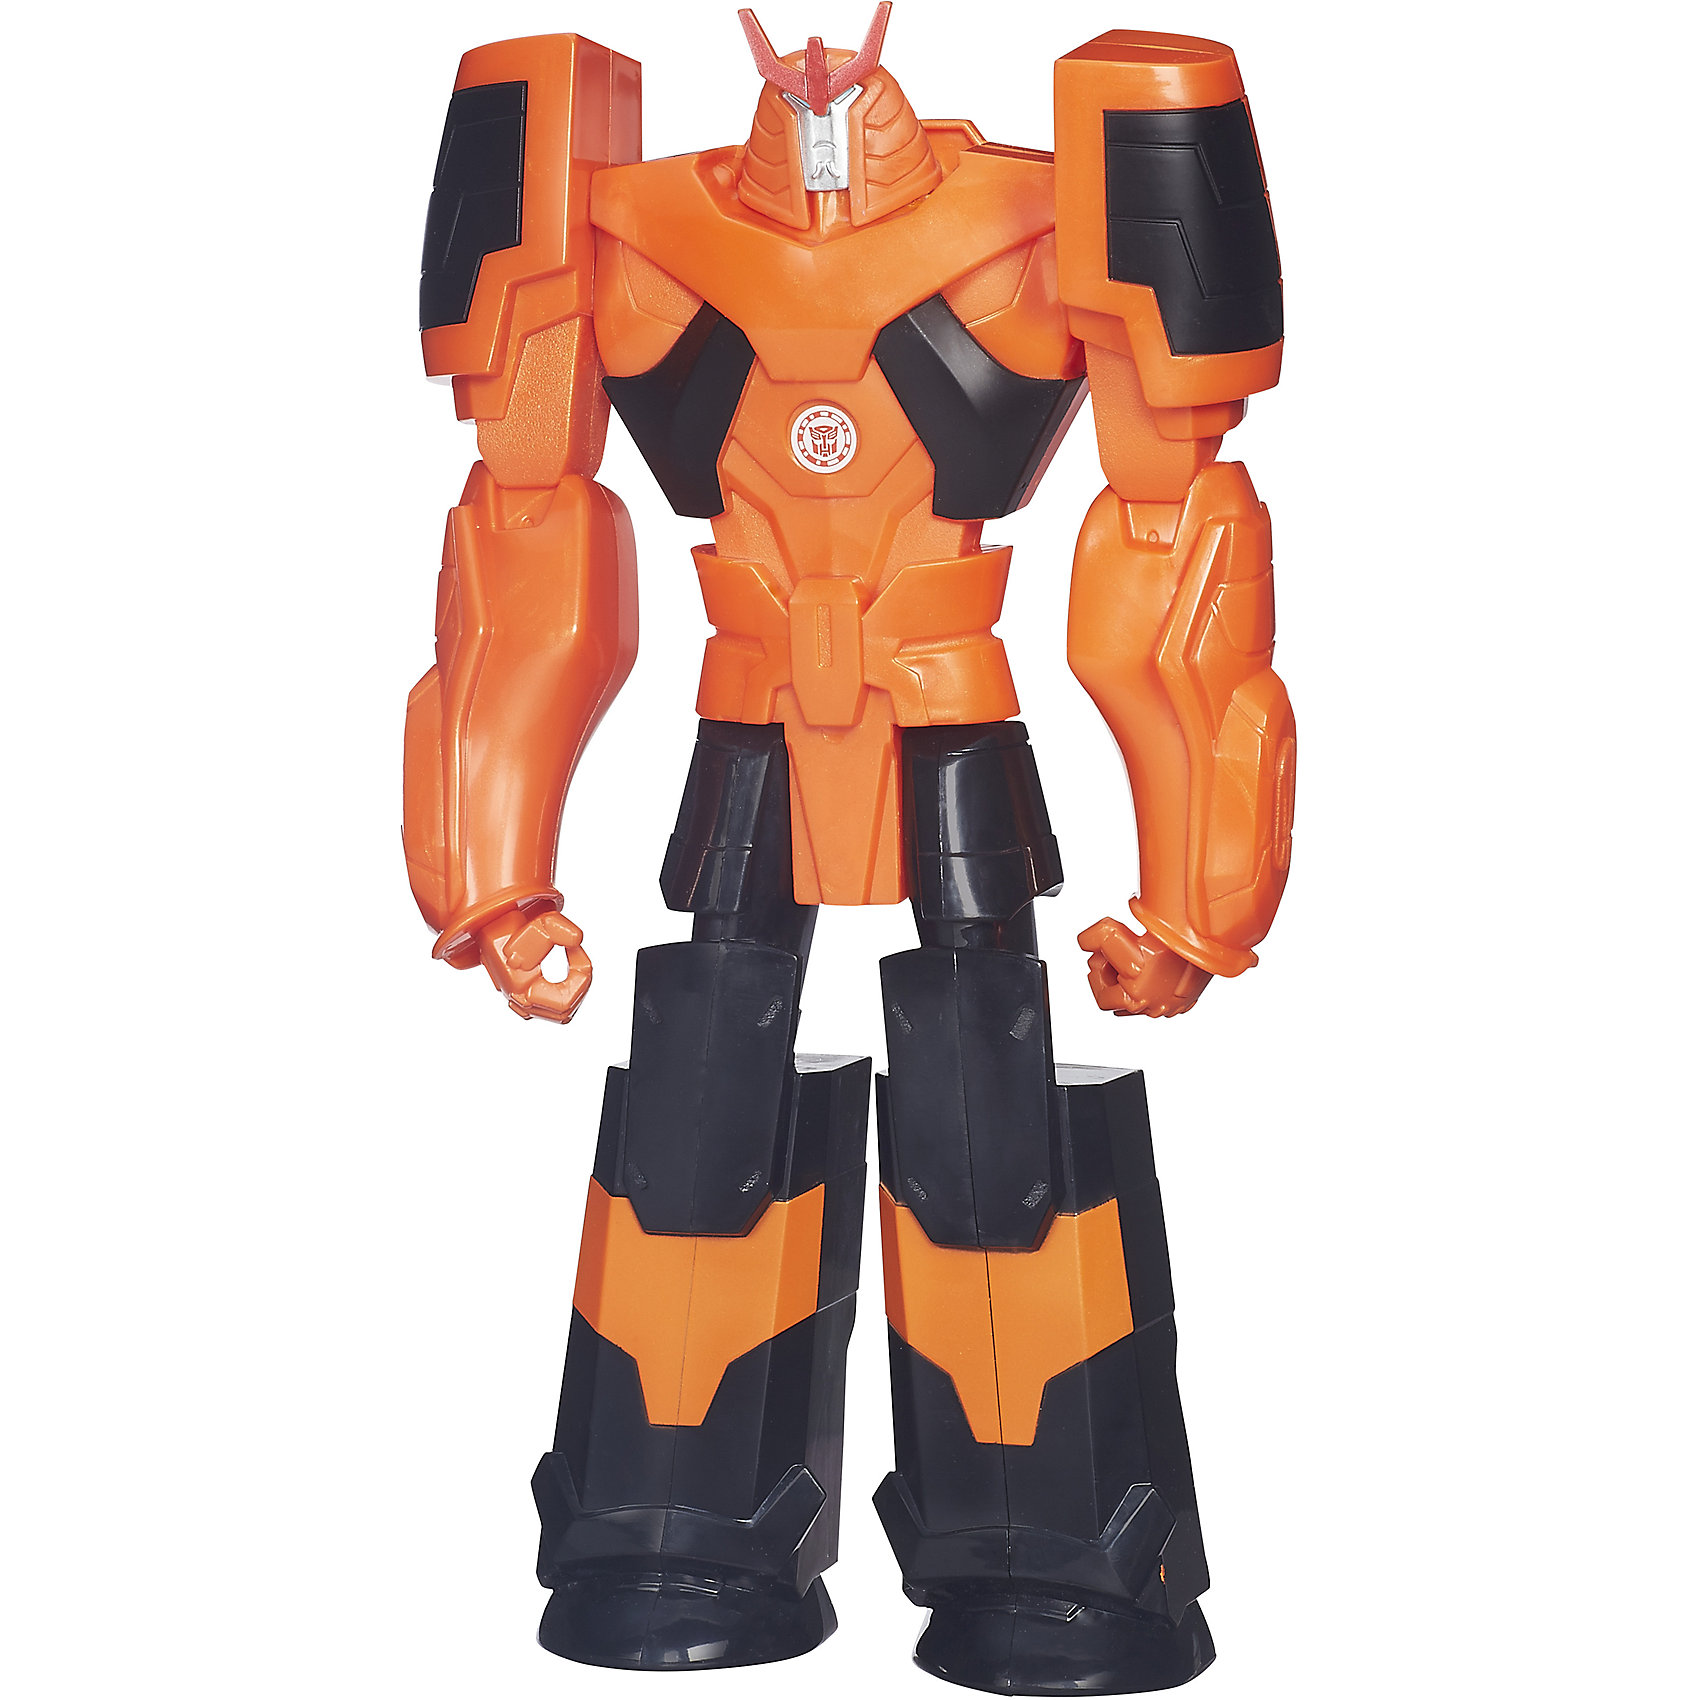 титан-роботы-под-прикрытием-30-см-трансформеры-b0760b4678